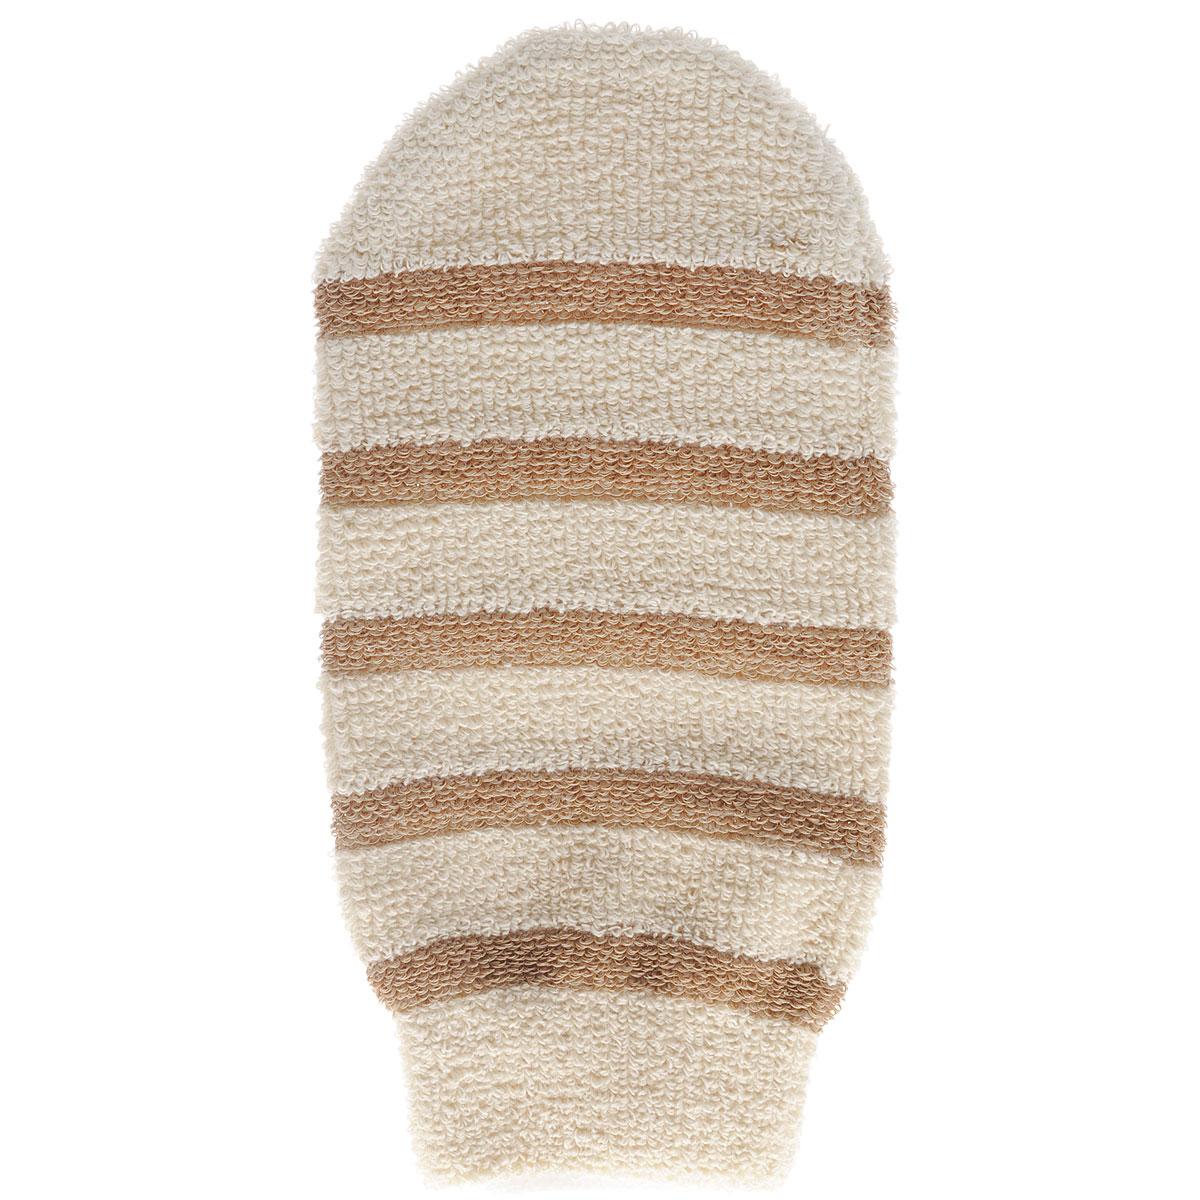 Мочалка-рукавица Riffi, с массажными полосками, цвет: бежевый406_бежевыйМочалка-рукавица Riffi применяется для мытья тела, благодаря массажным полоскам обладает активным пилинговым действием, тонизируя, массируя и эффективно очищая вашу кожу. Интенсивный и пощипывающий свежий массаж тела с применением мочалки Riffi усиливает кровообращение, активирует кровоснабжение и улучшает общее самочувствие. Благодаря отшелушивающему эффекту, кожа освобождается от отмерших клеток, становится гладкой, упругой и свежей. Мочалка-рукавица Riffi приносит приятное расслабление всему организму. Борется с болями и спазмами в мышцах, а также эффективно предупреждает образование целлюлита. Состав: 85% хлопок, 15% полиэтилен. Товар сертифицирован.